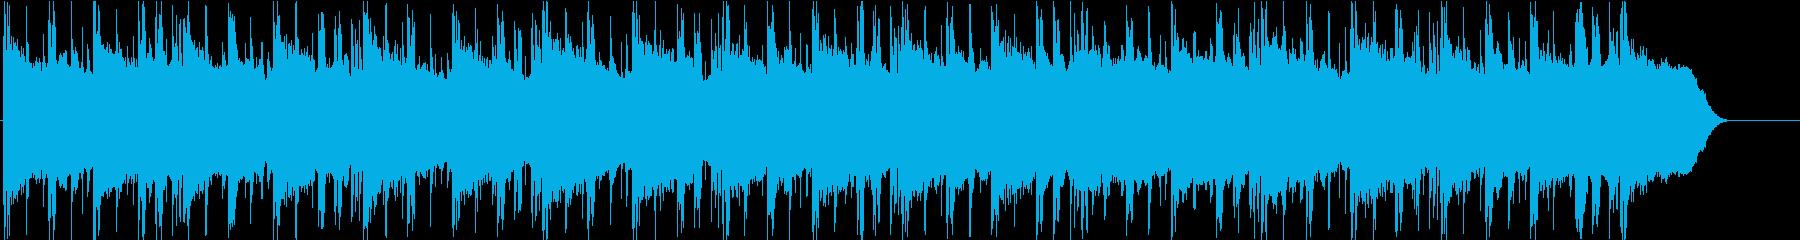 近未来サスペンス風の暗いBGMの再生済みの波形